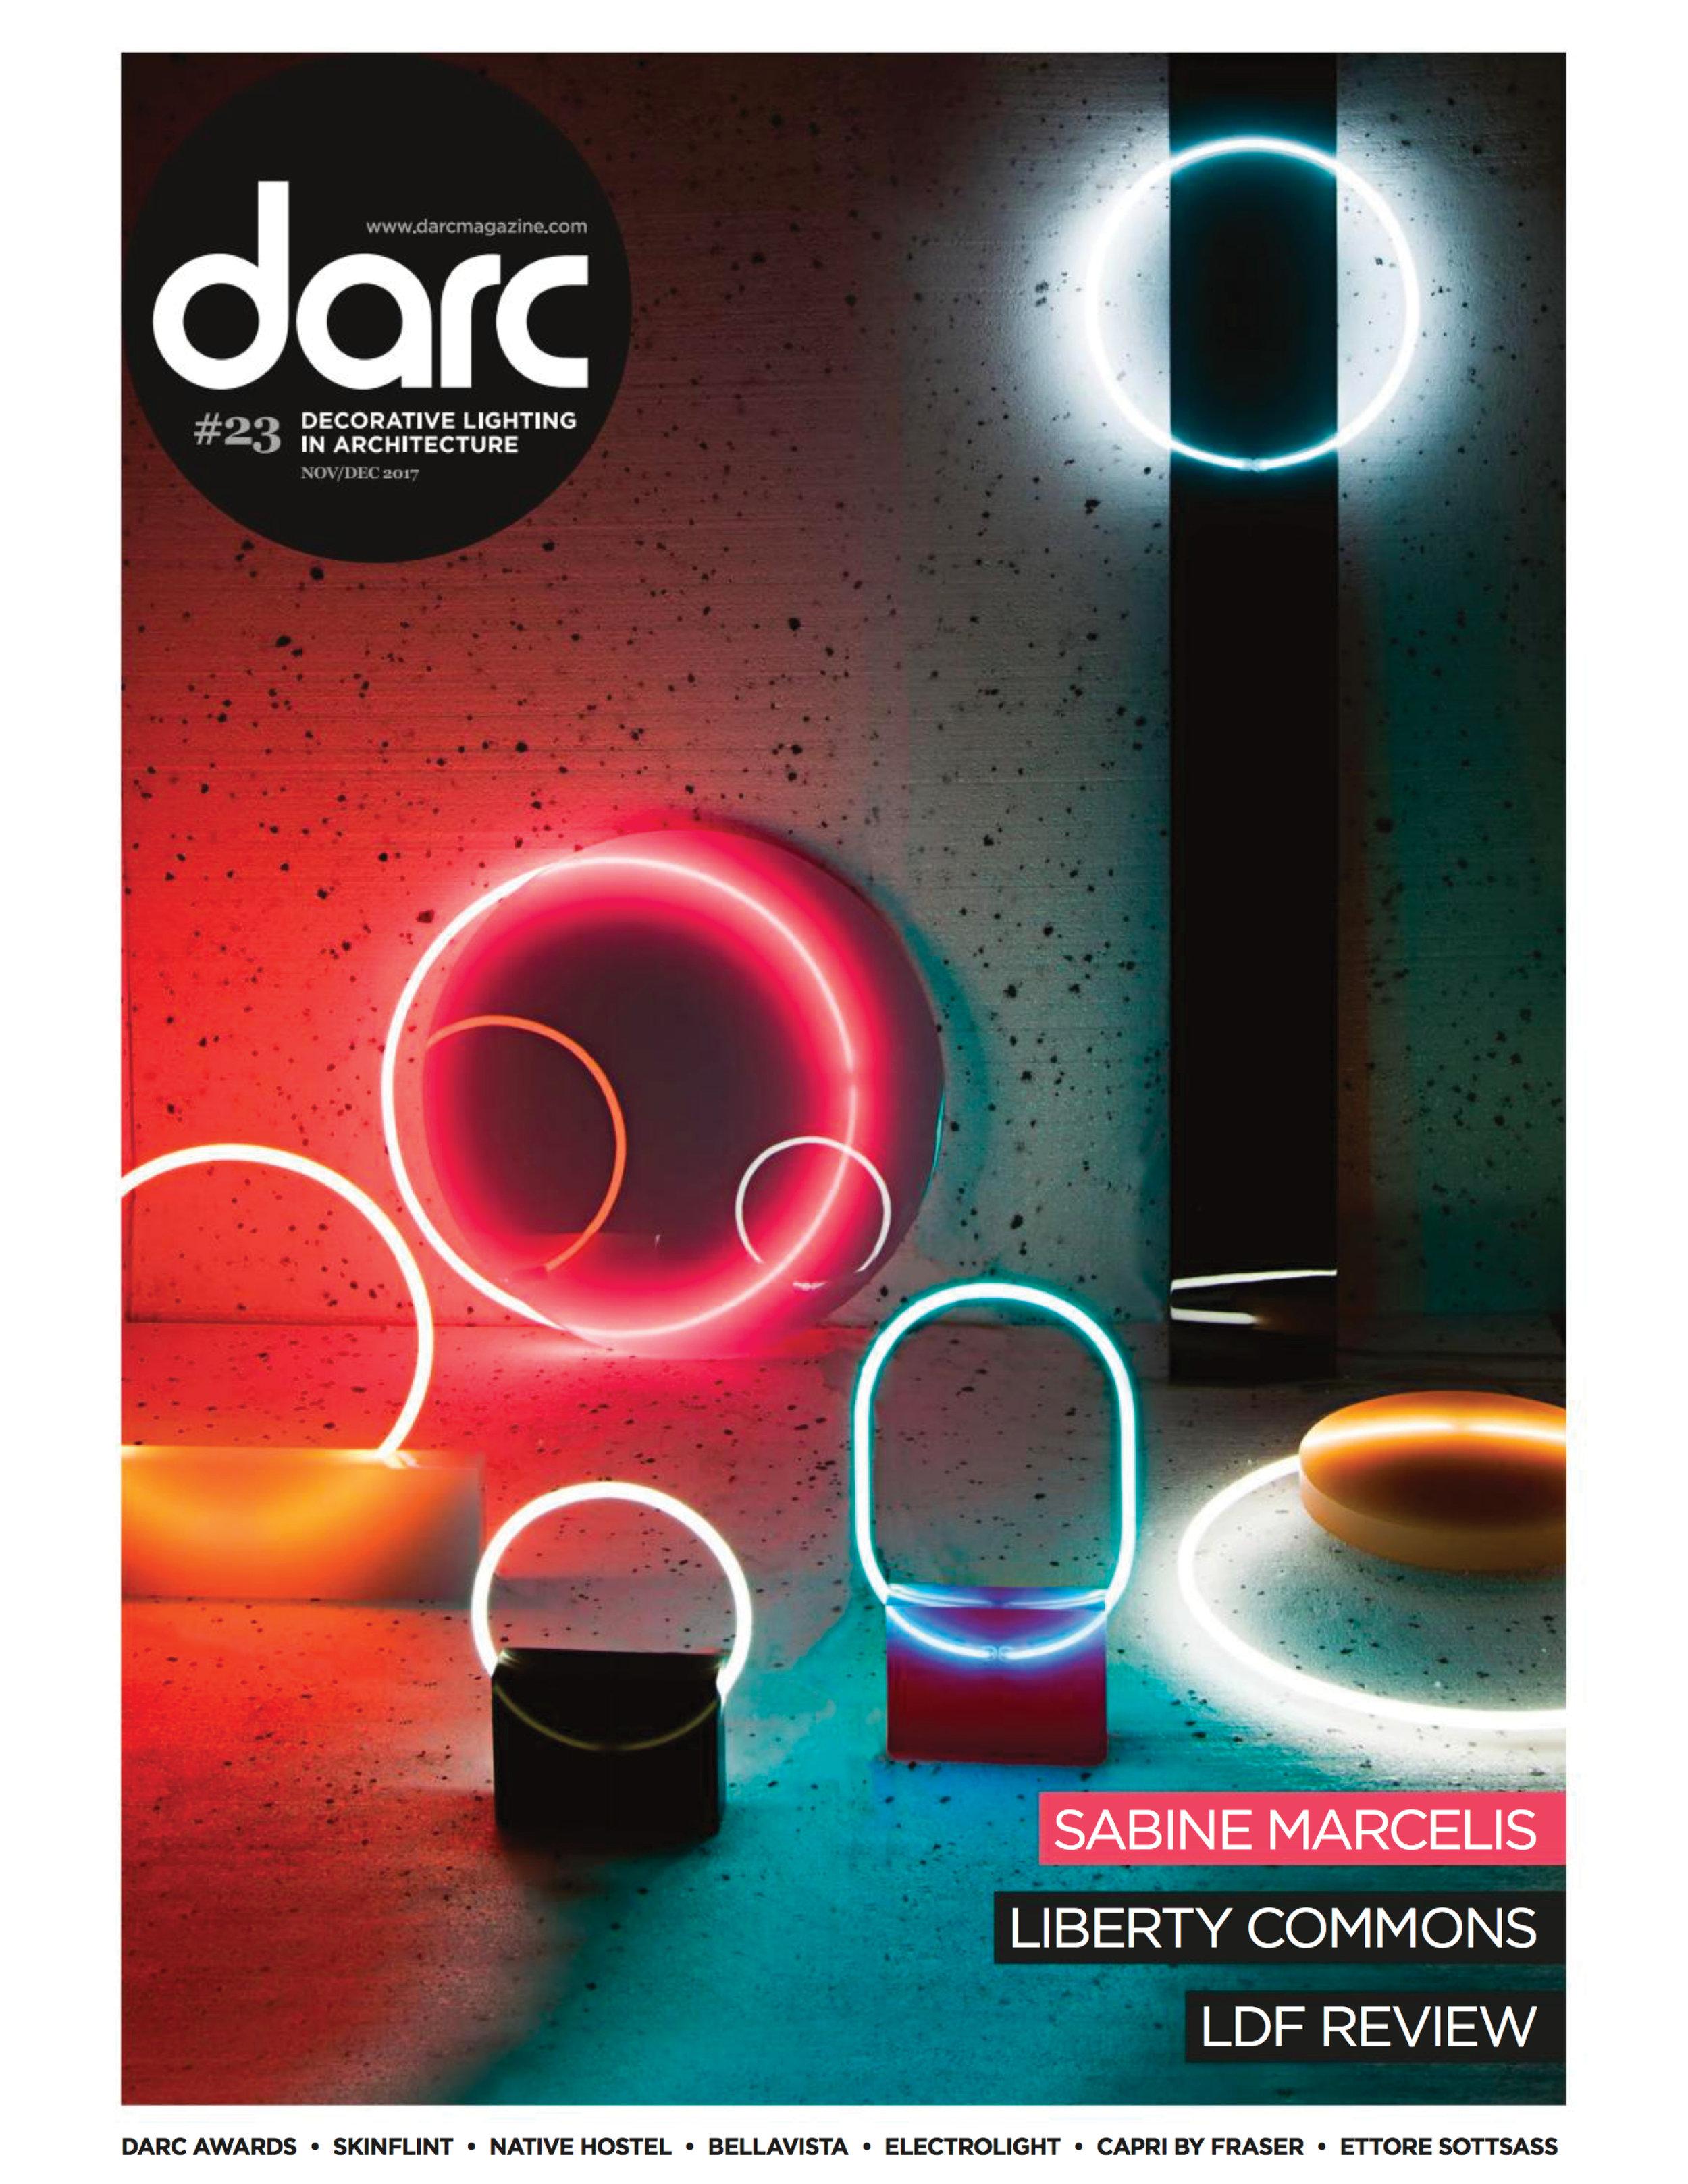 Darc Magazine December 2017